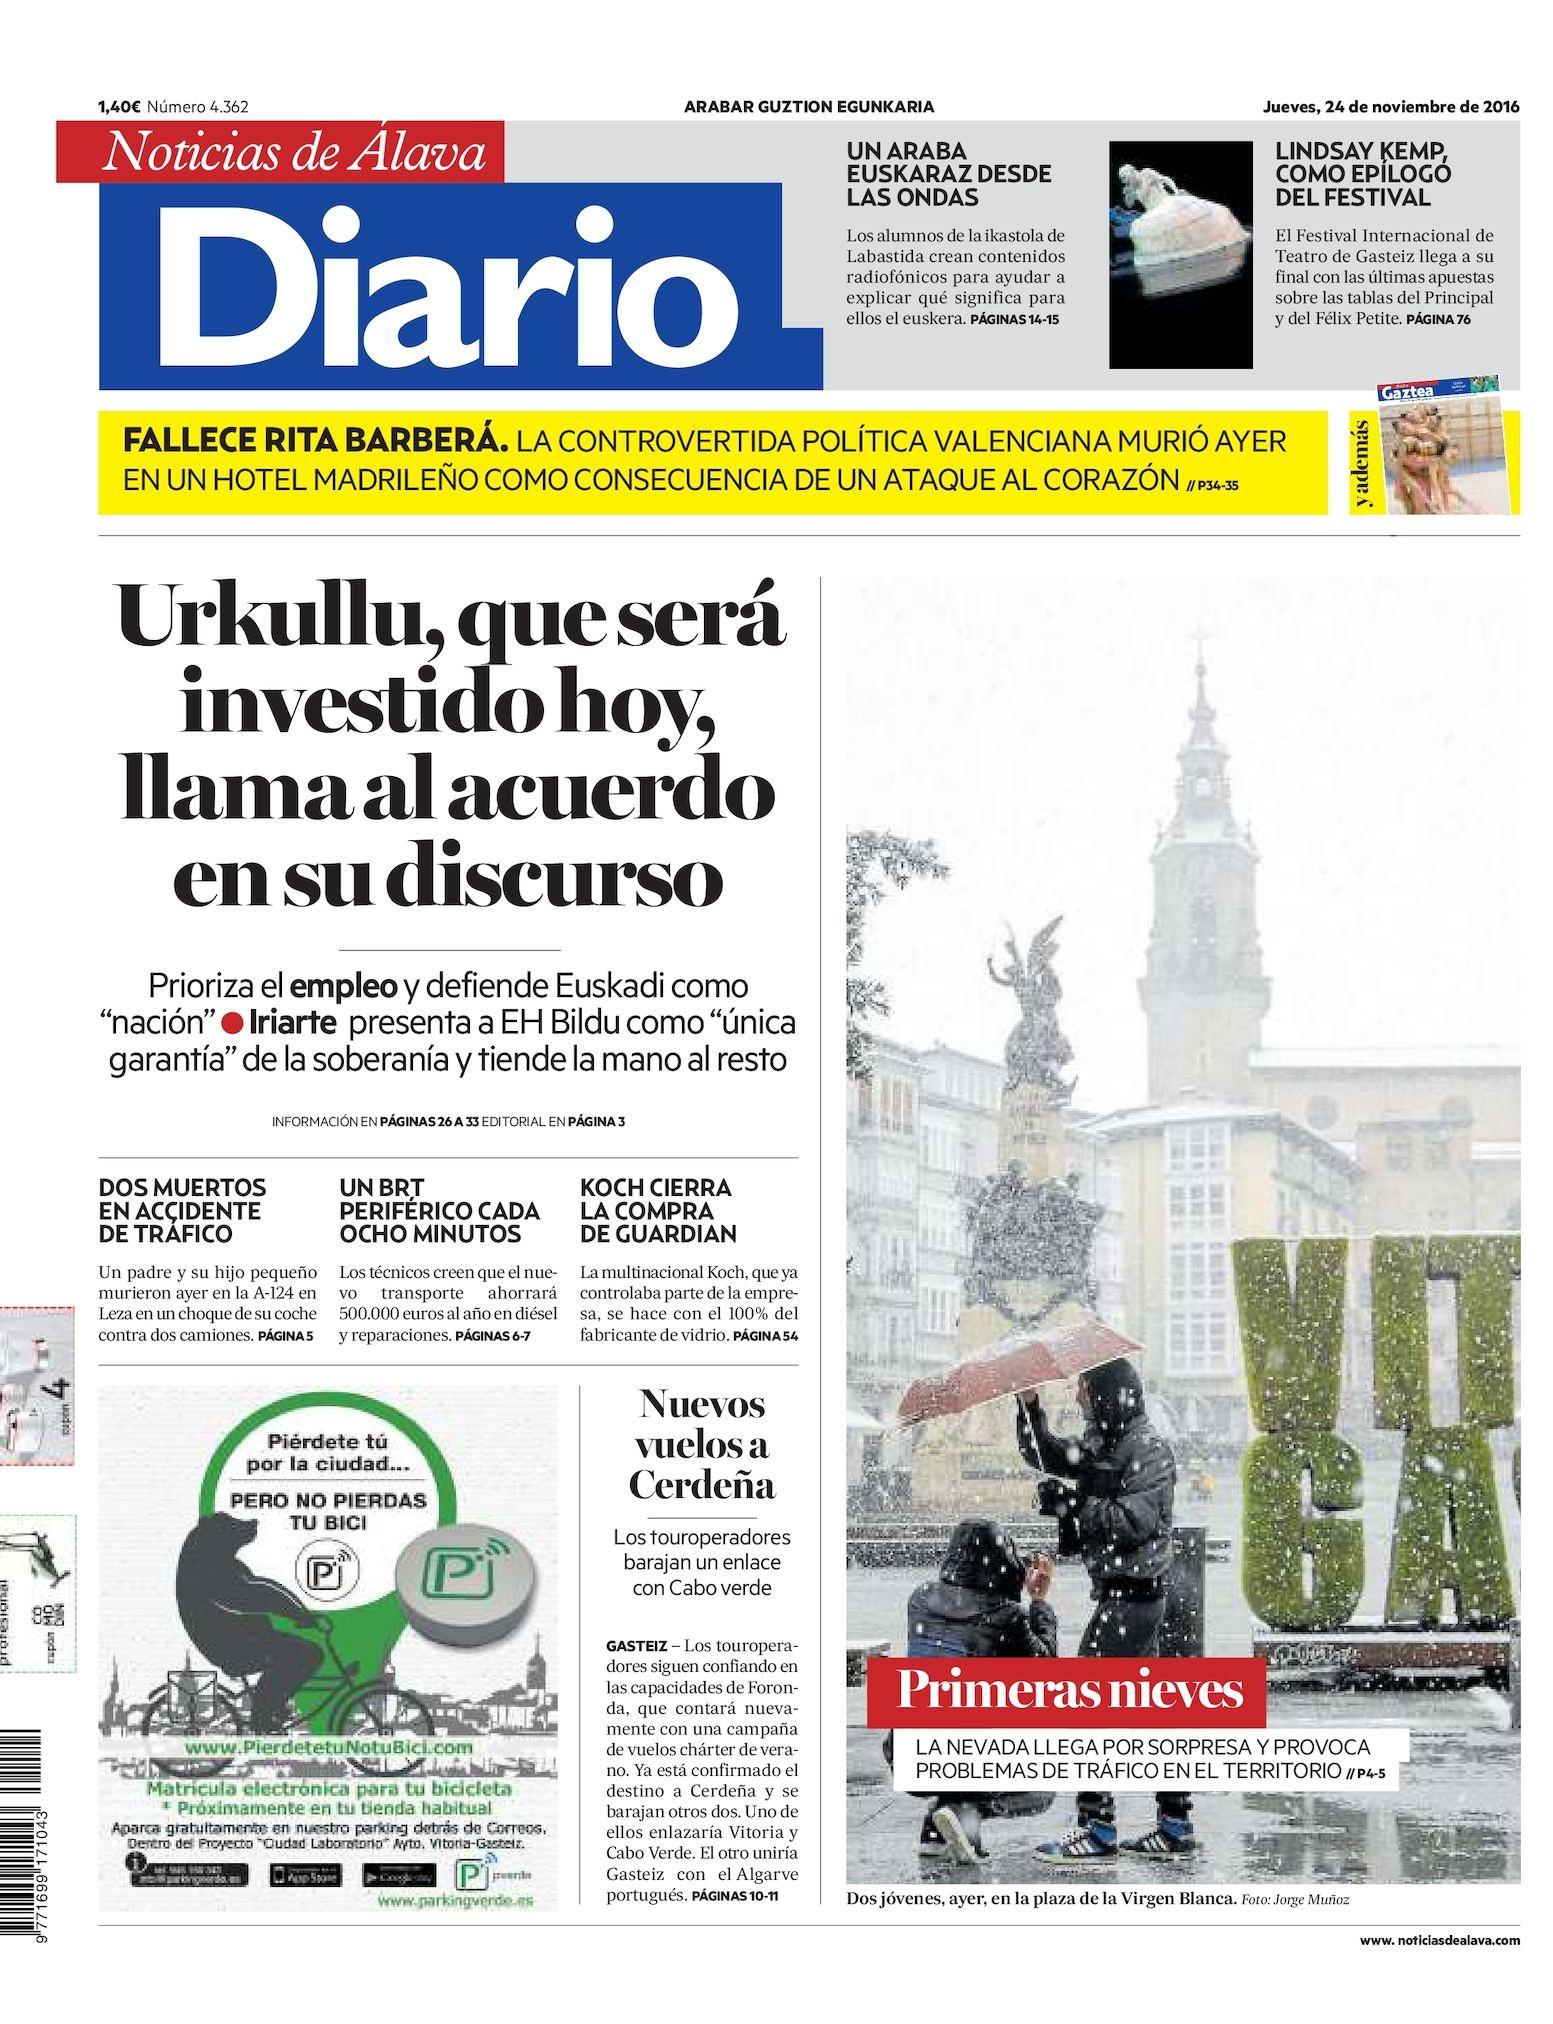 Calendario 2019 Mexico Con Dias Festivos Oficiales Más Recientes Calaméo Diario De Noticias De lava